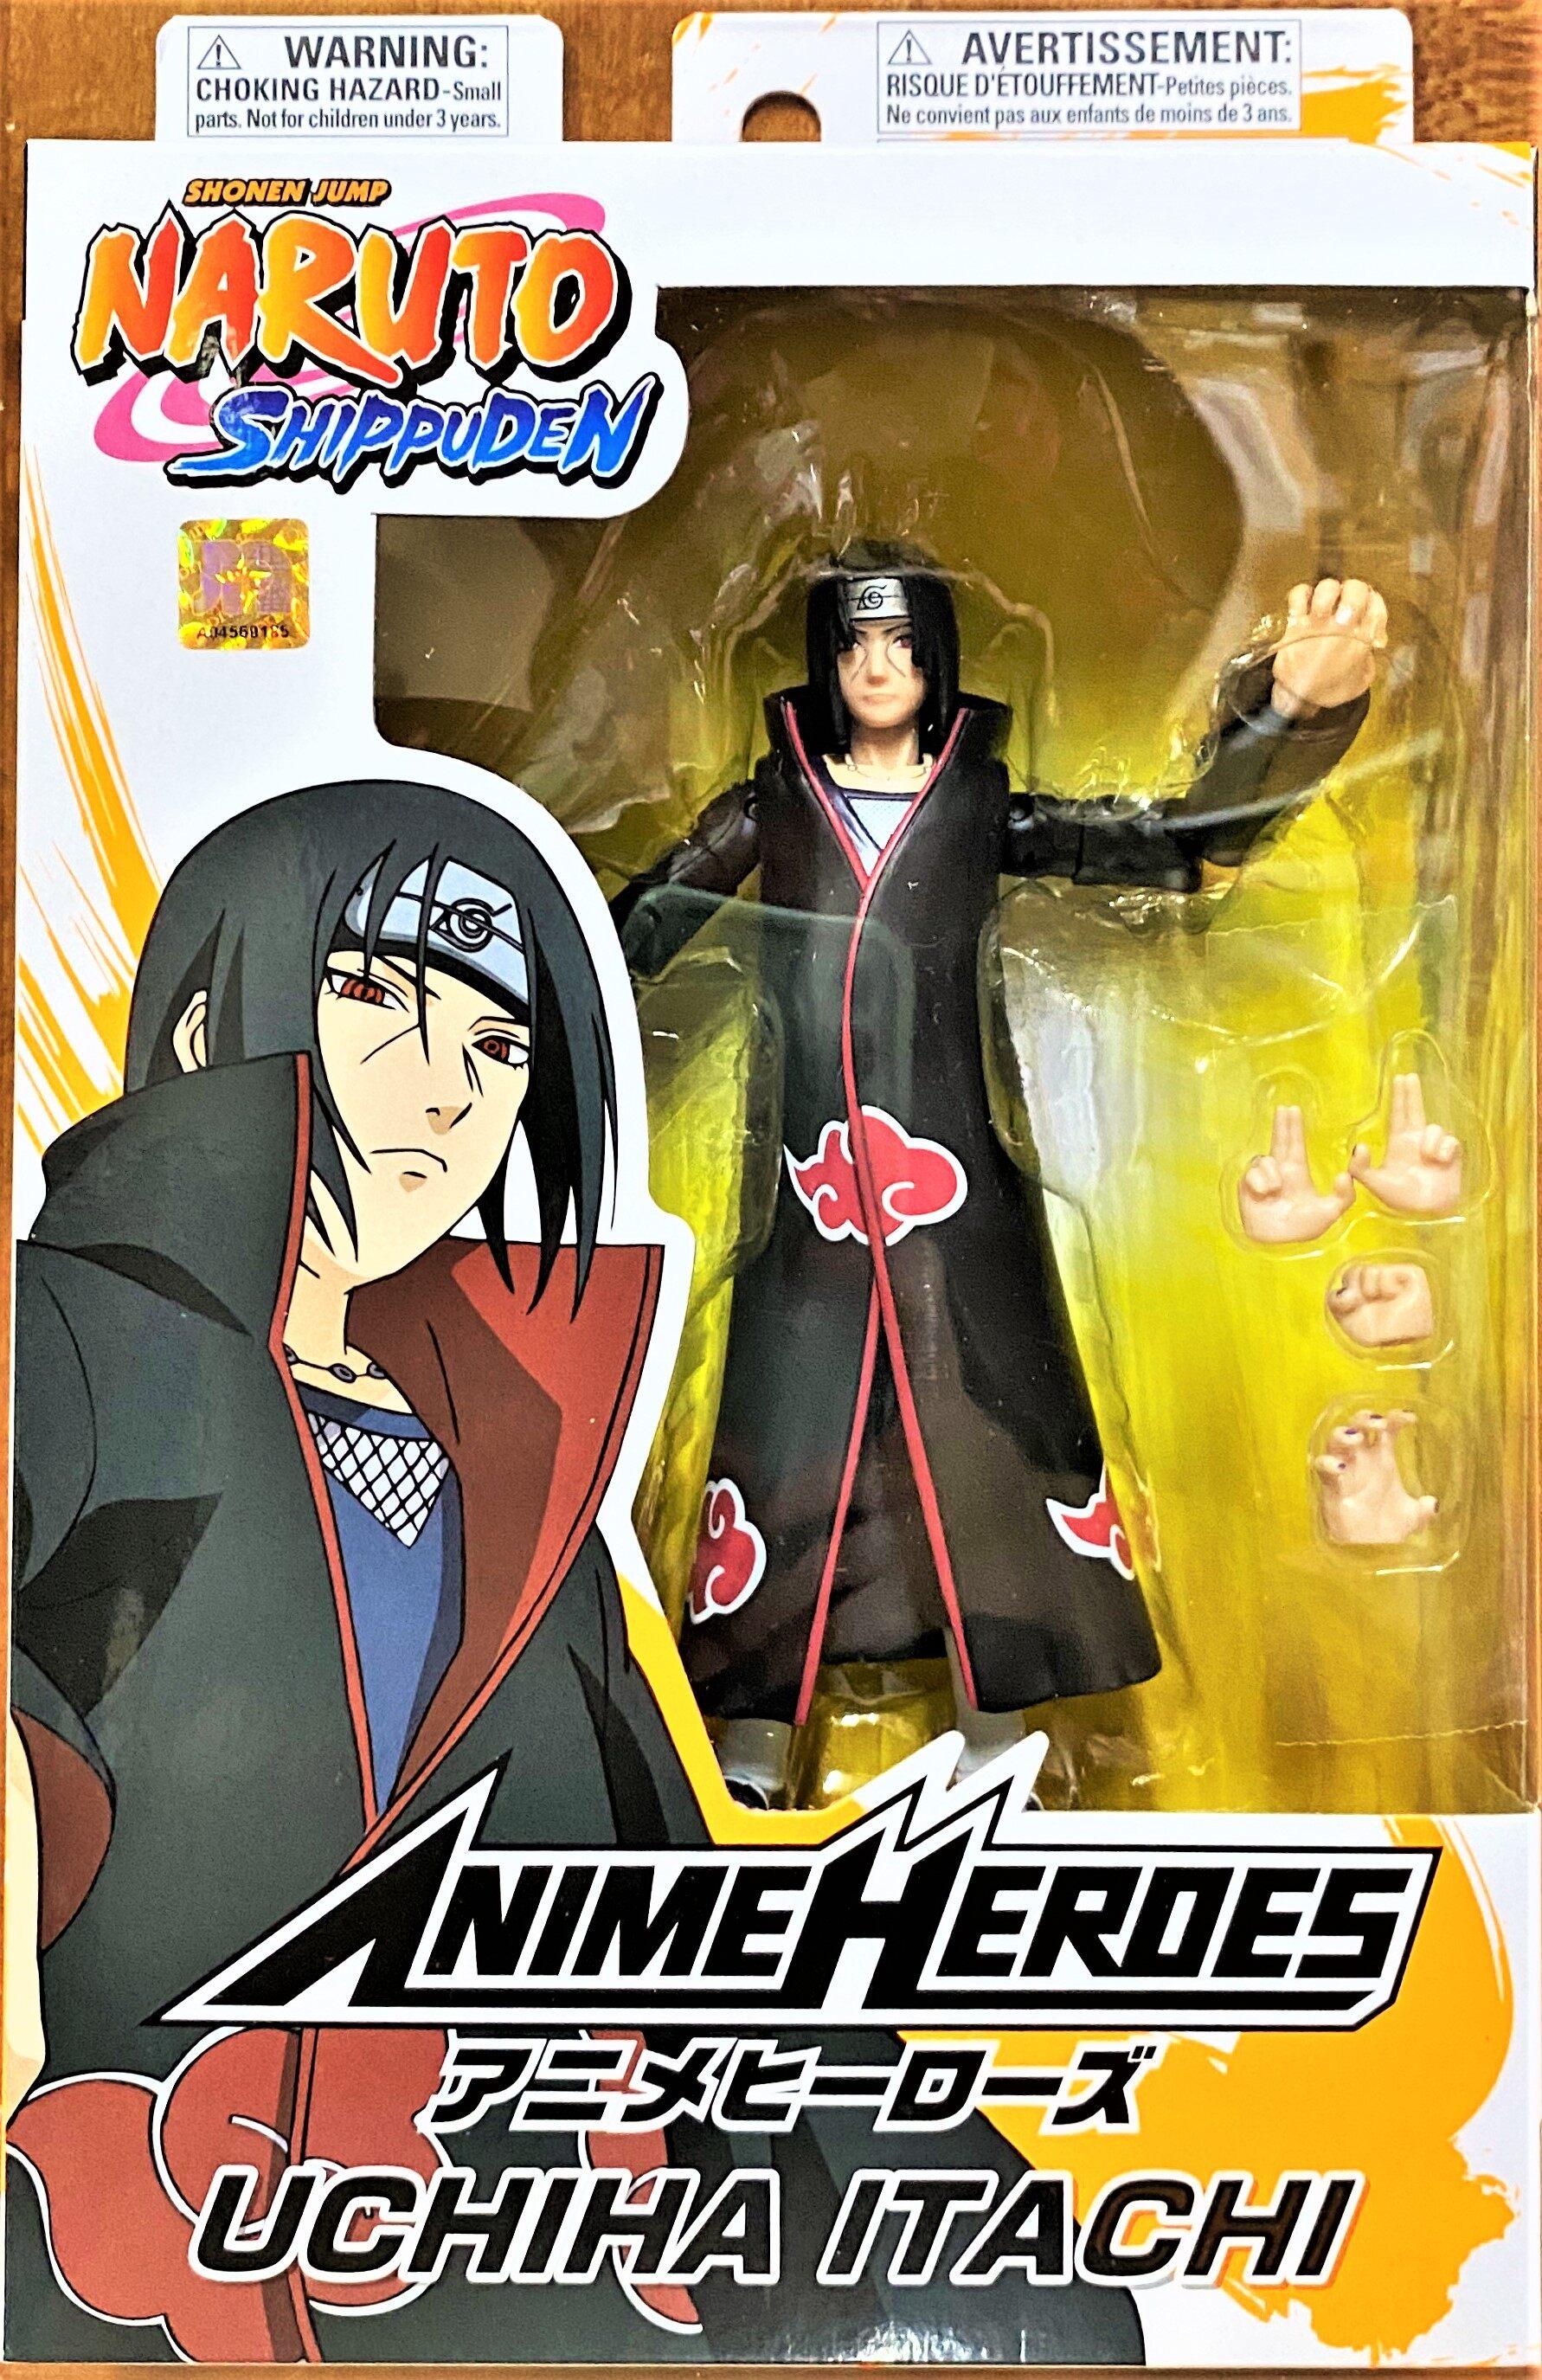 Bandai Anime Heroes Naruto Shippuden Itachi Uchiha